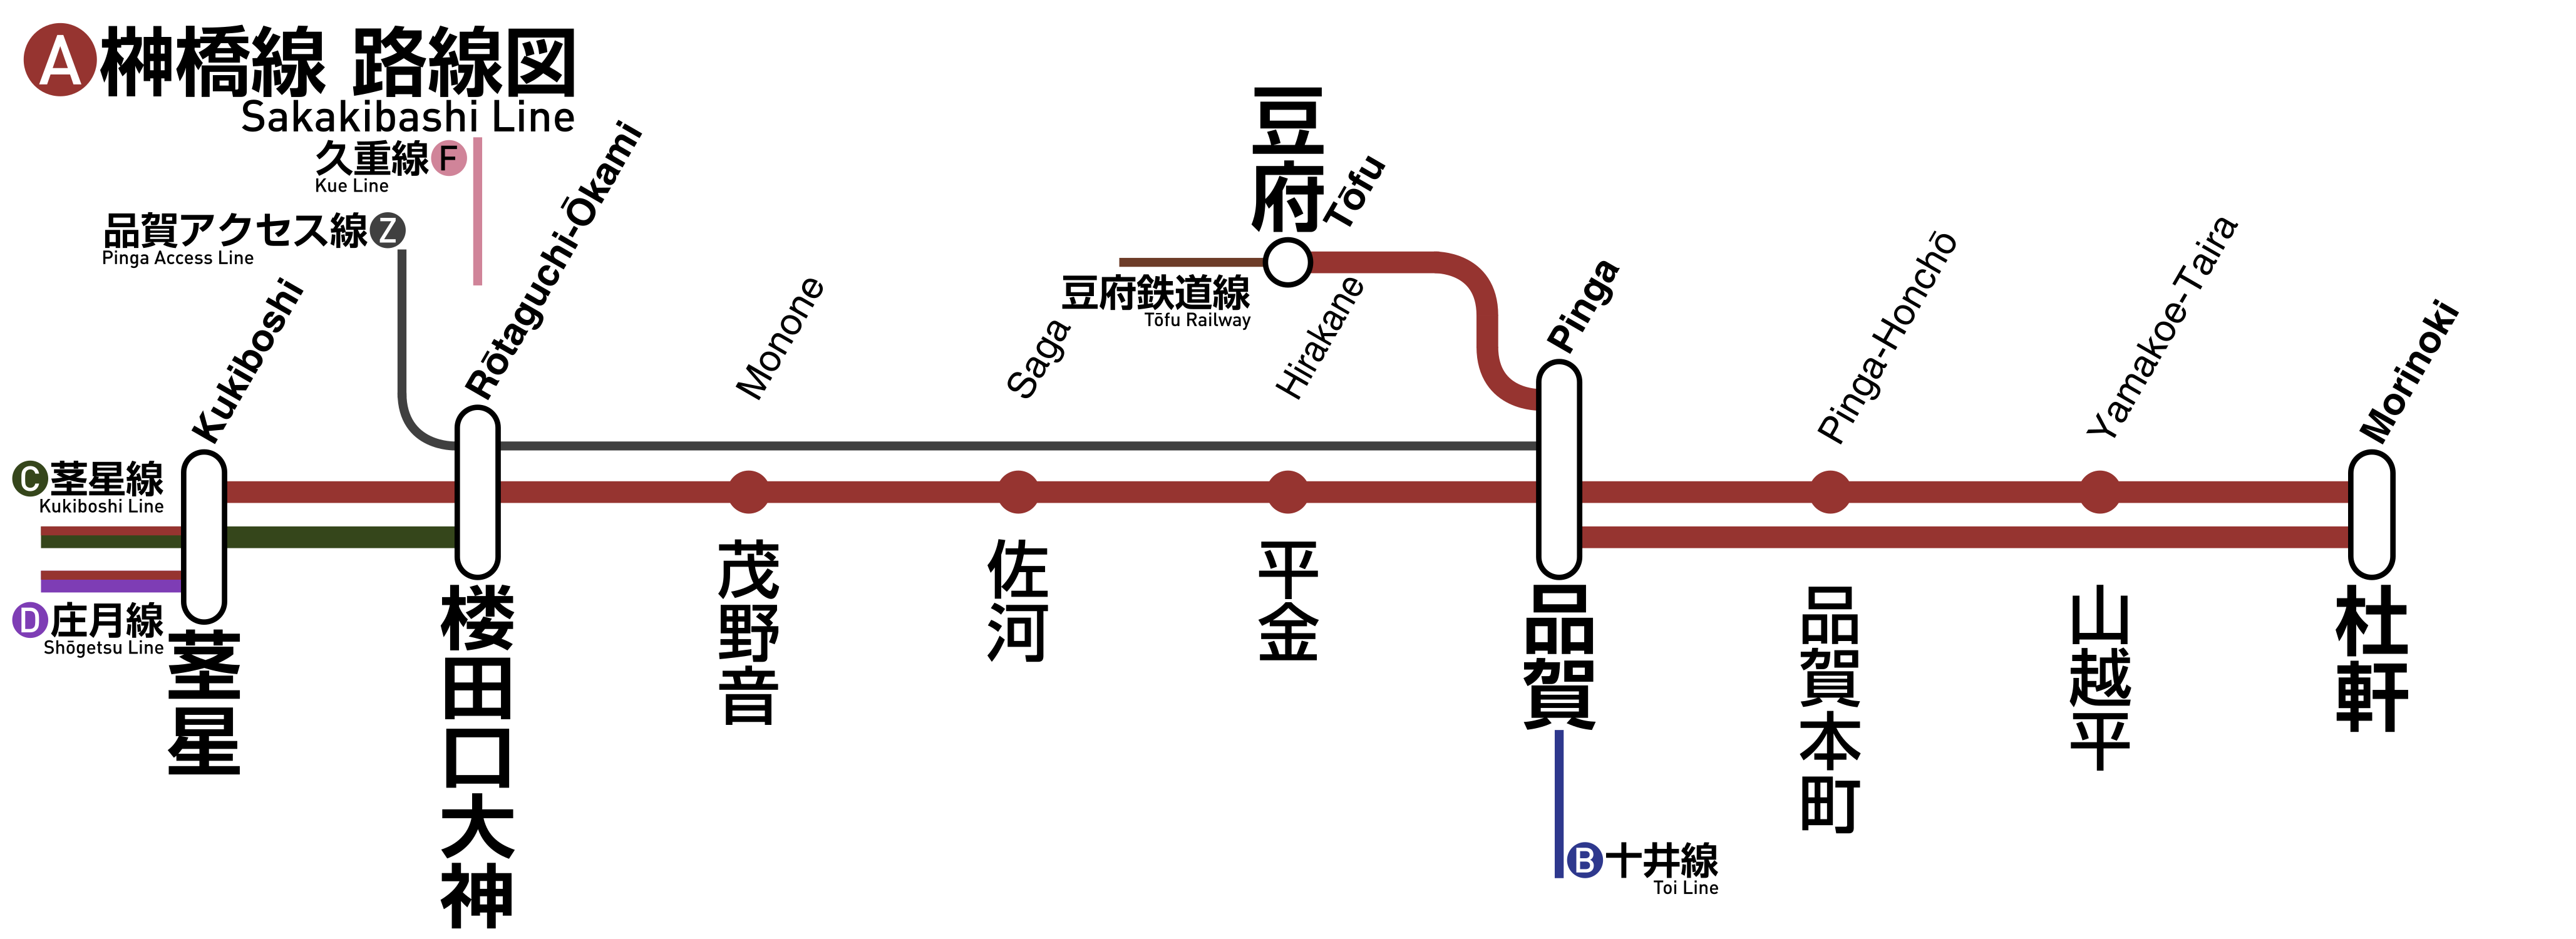 榊橋線_1.png